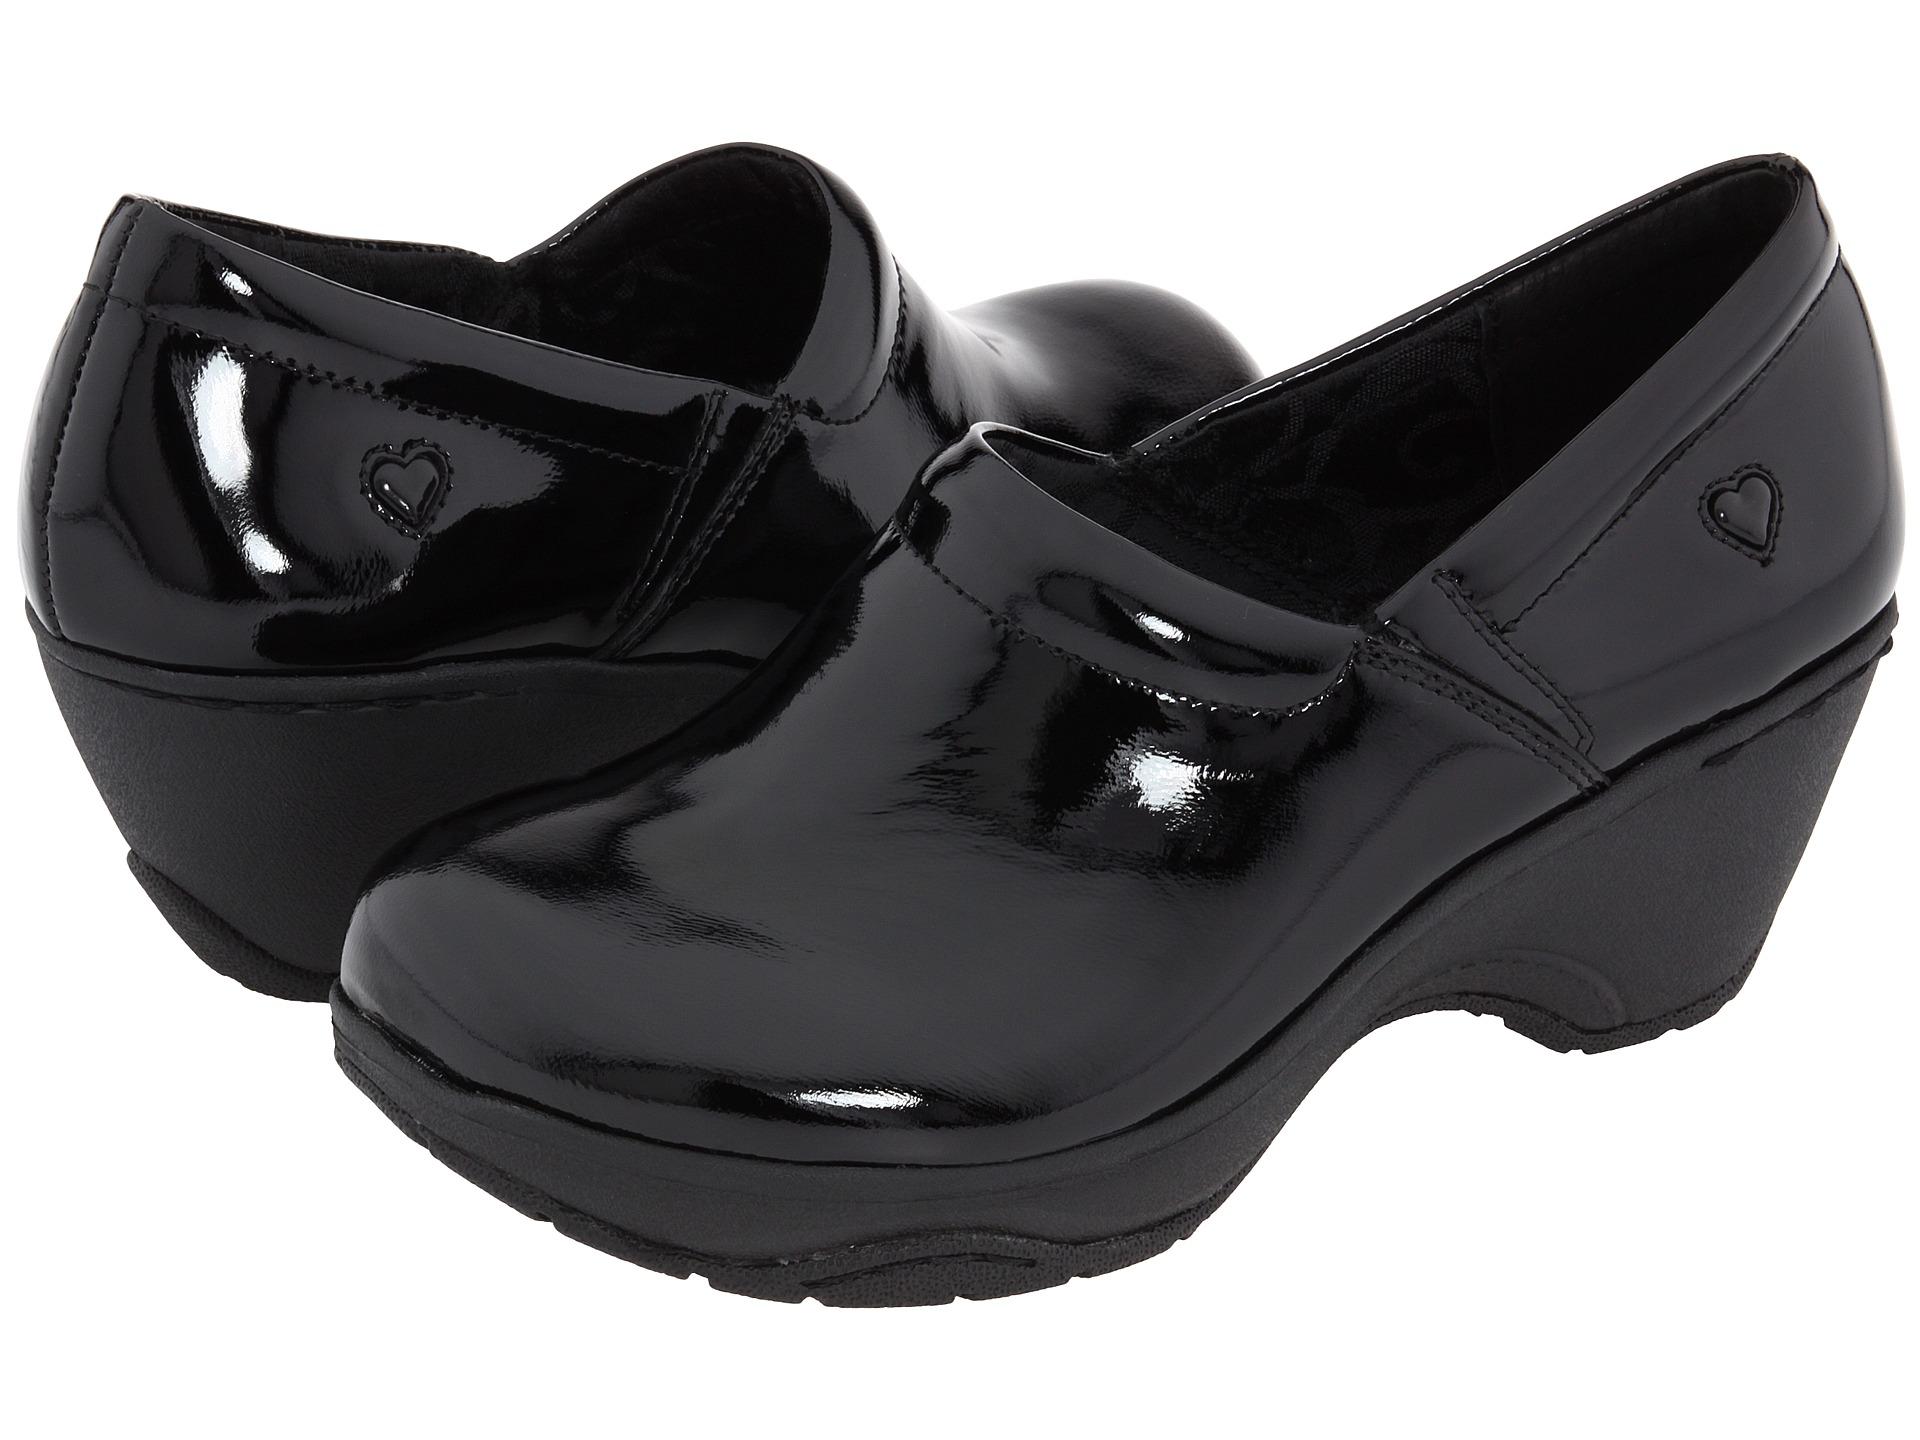 Bryar Nursing Shoes Reviews